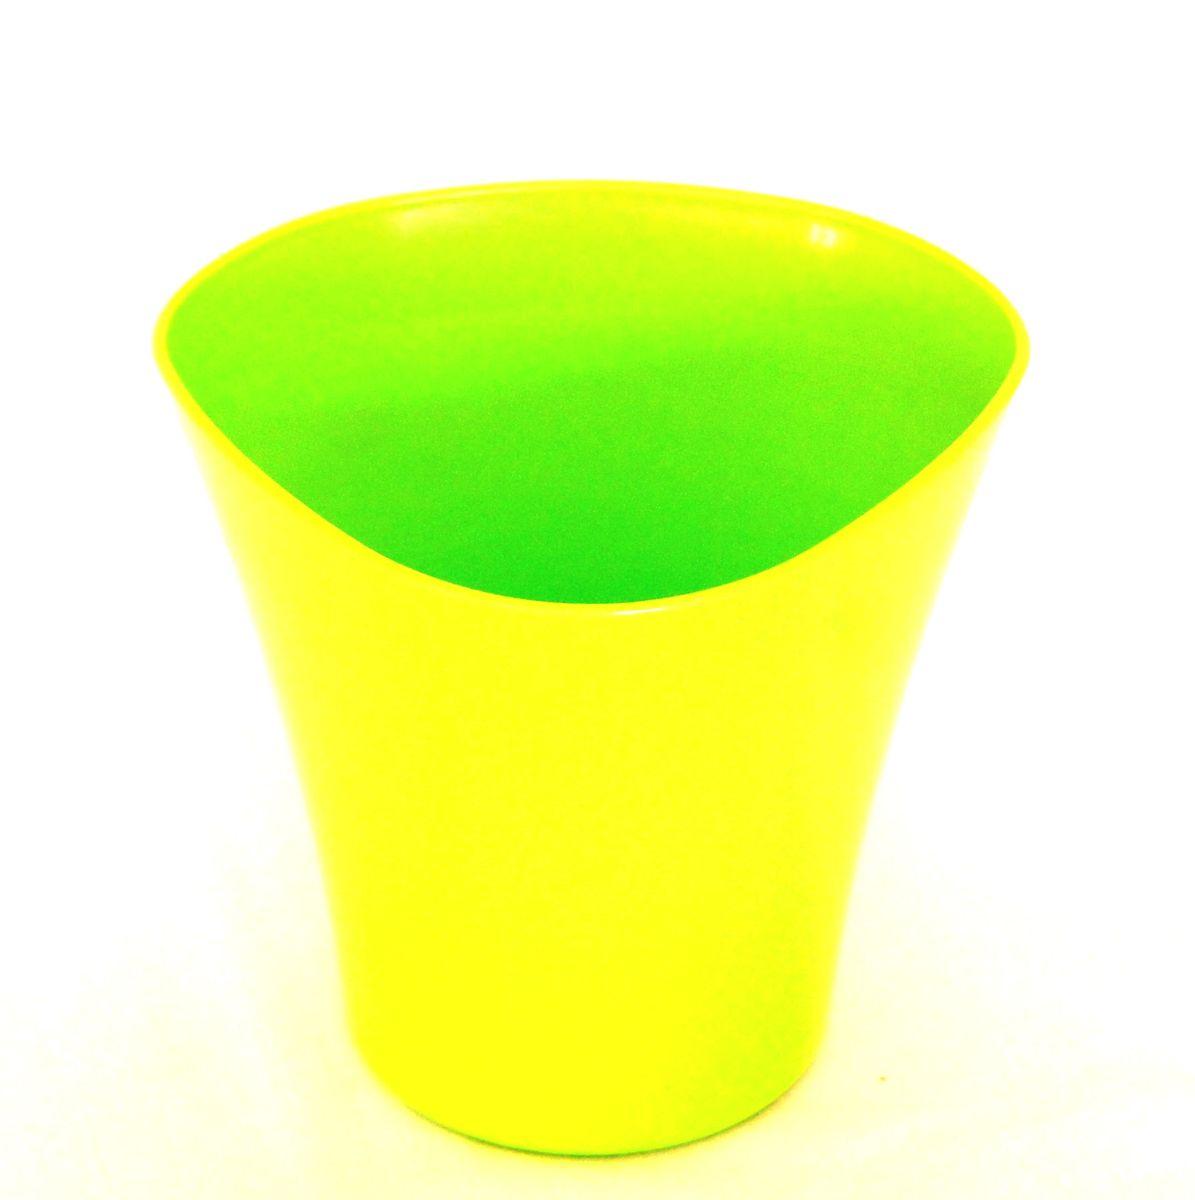 Кашпо JetPlast Волна, цвет: зеленый, 1,5 л4612754051304Кашпо Волна имеет уникальную форму, сочетающуюся как с классическим, так и с современным дизайном интерьера. Оно изготовлено из прочного полипропилена (пластика) и предназначено для выращивания растений, цветов и трав в домашних условиях. Такое кашпо порадует вас функциональностью, а благодаря лаконичному дизайну впишется в любой интерьер помещения. Объем кашпо: 1,5 л.